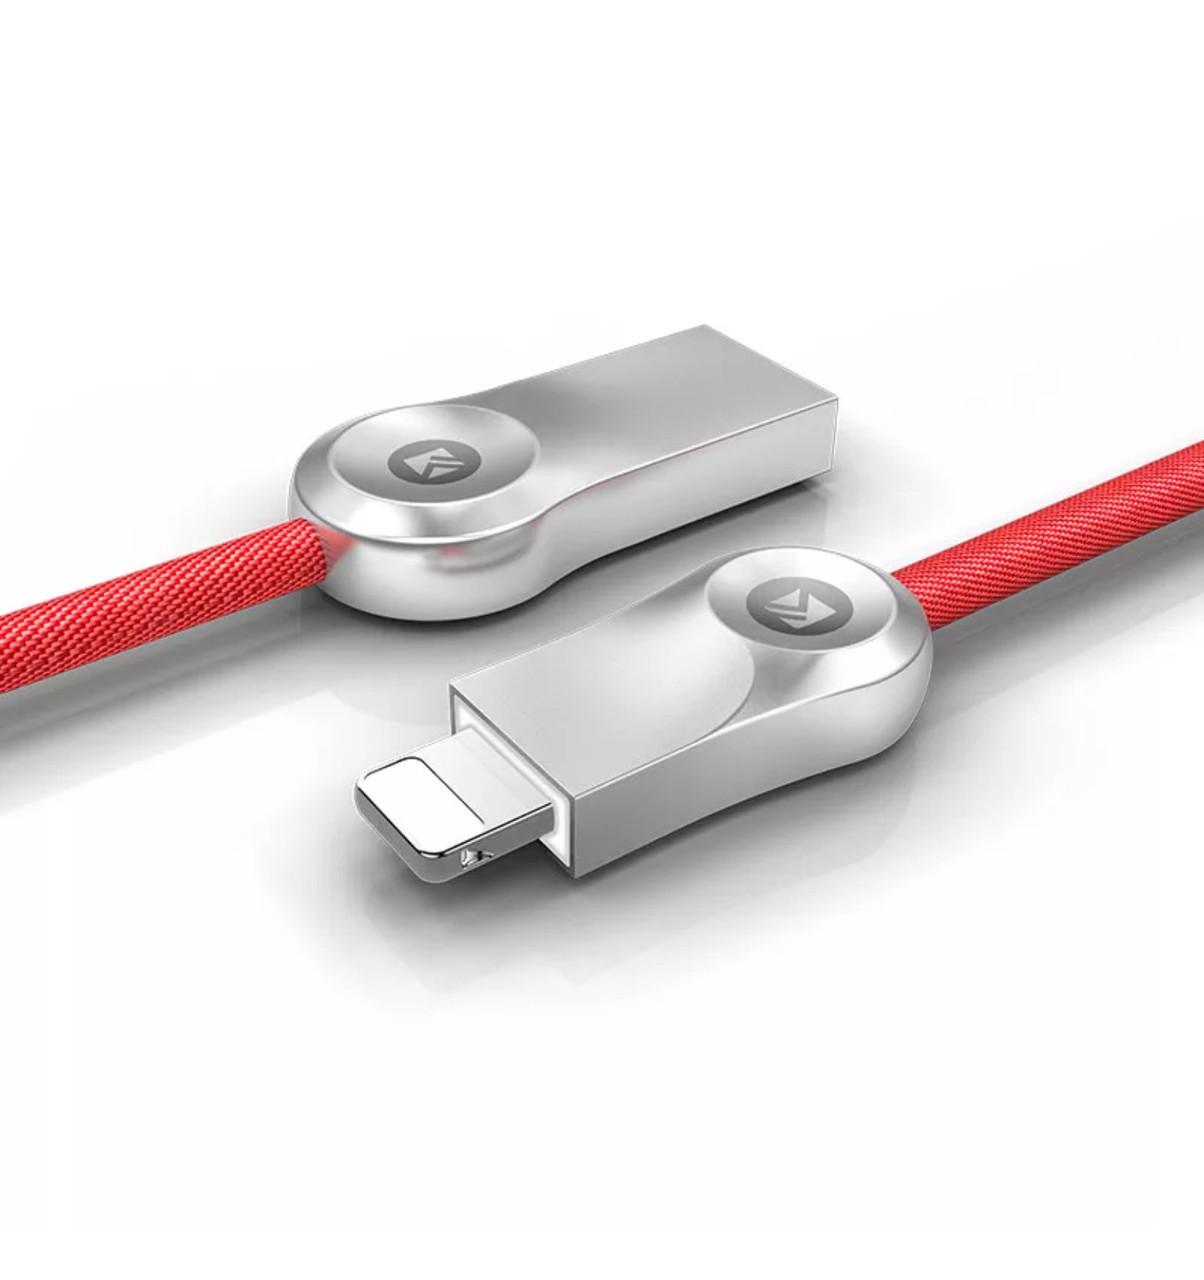 Usb кабель быстрой зарядки  Floveme с разъемом Lightening для iPhone, iPad 1 м (красный)